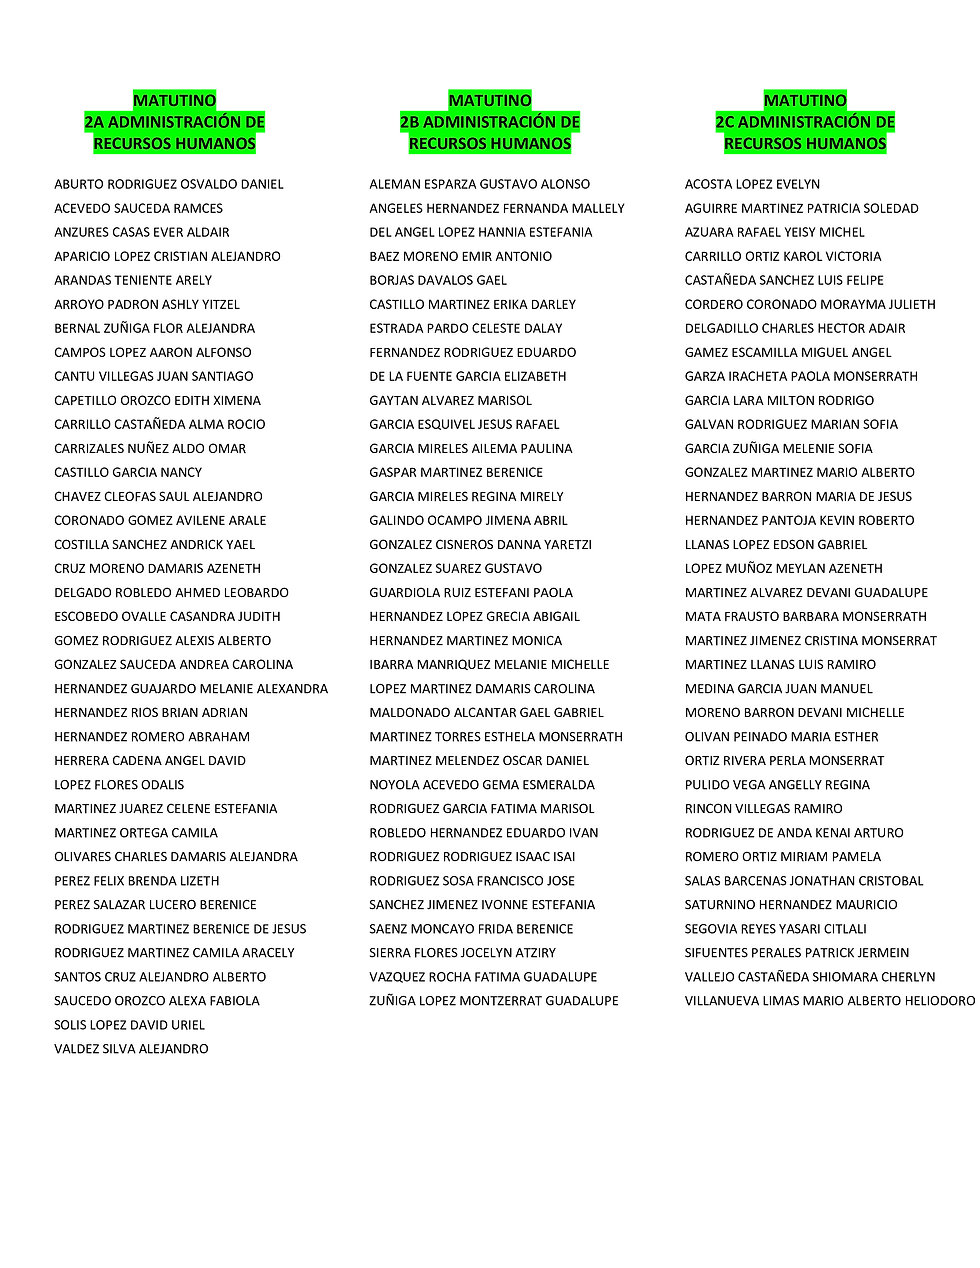 LISTAS PARA PUBLICAR MATUTINO 14 FEBRERO